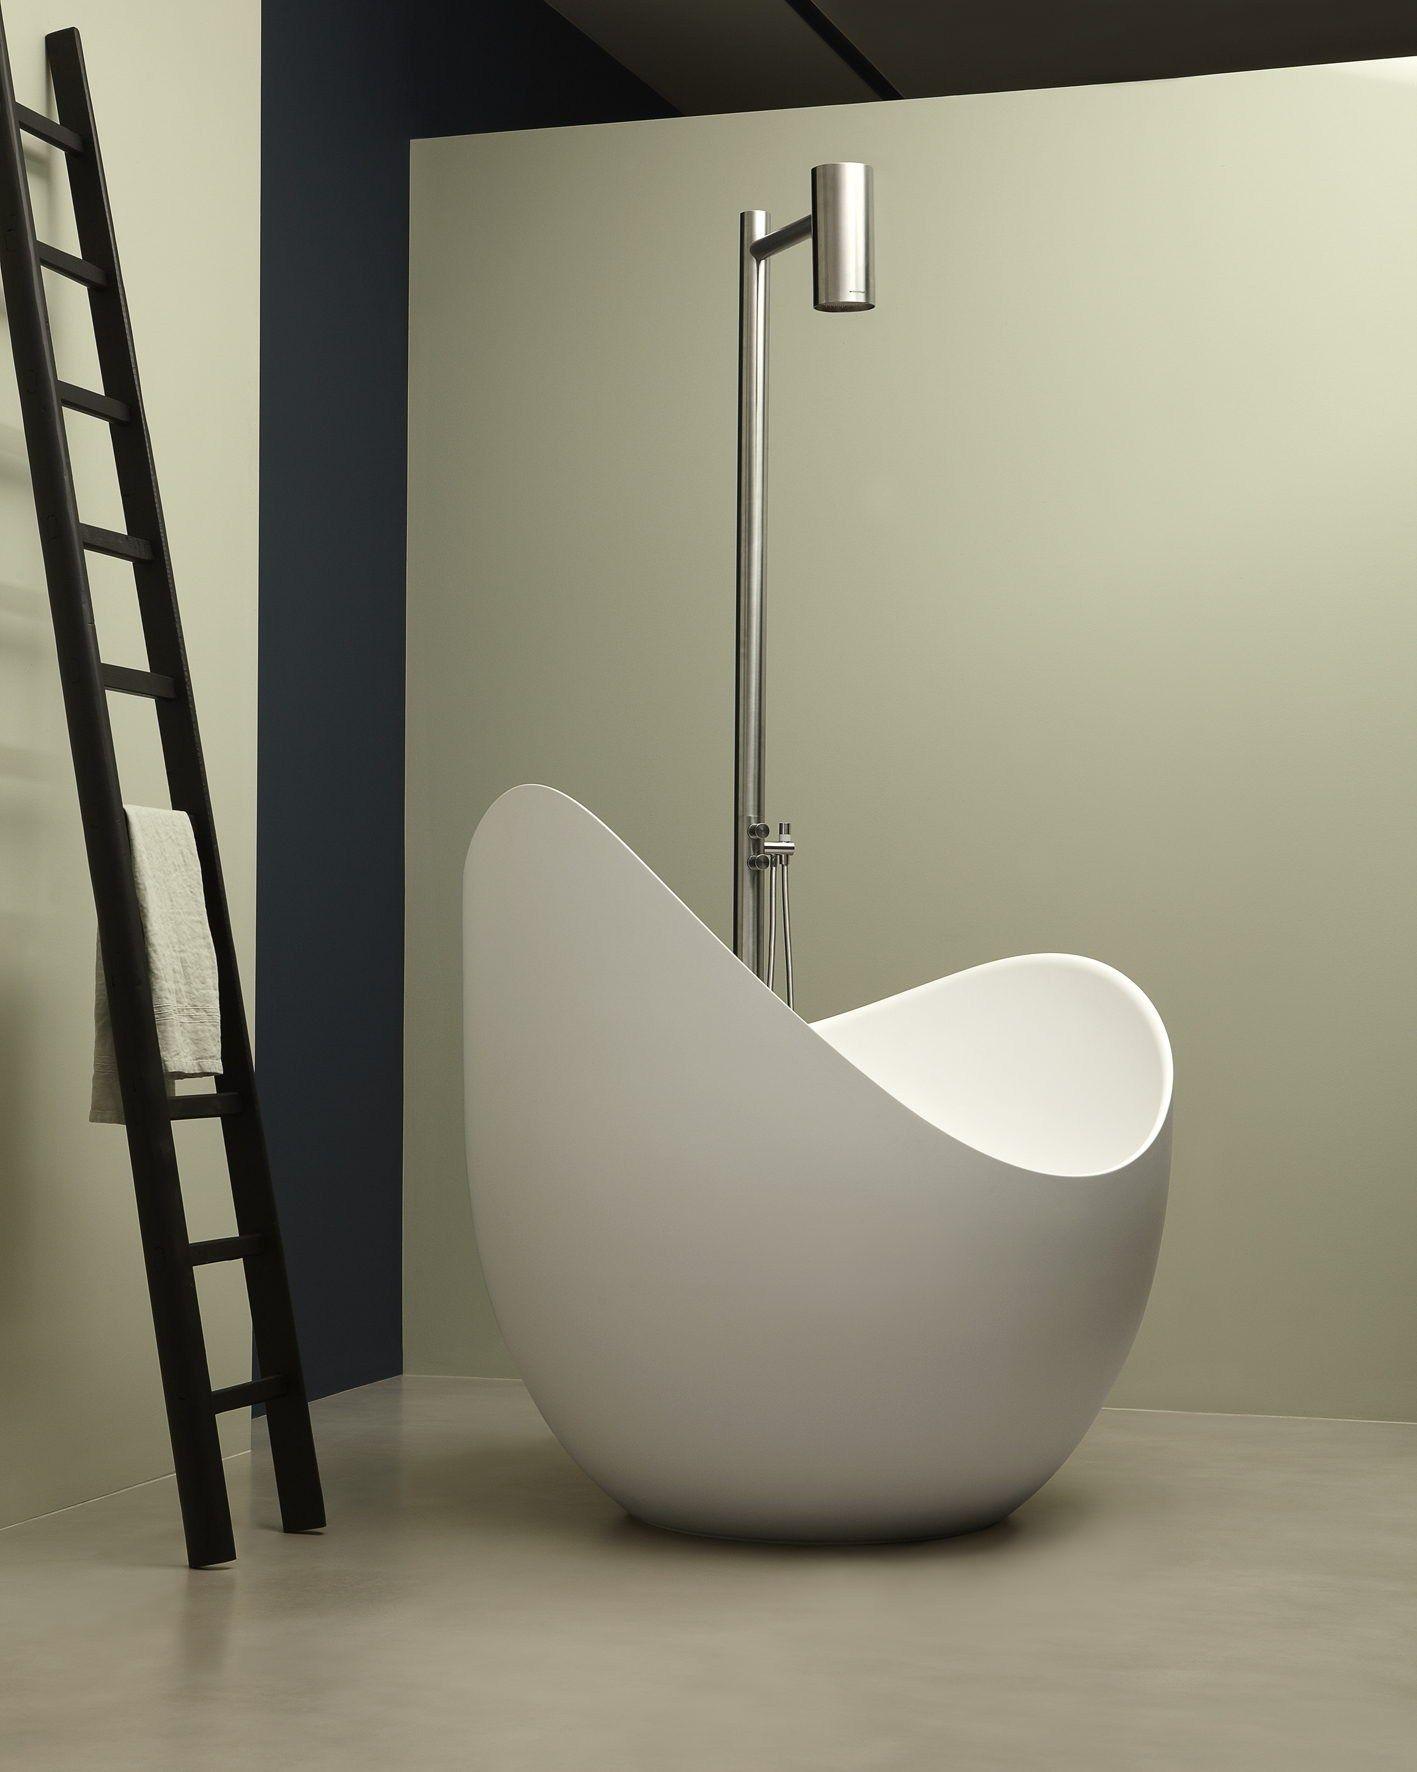 Vasca da bagno centro stanza ovale in Cristalplant® LUNETTA by Antonio Lupi Design® design ...